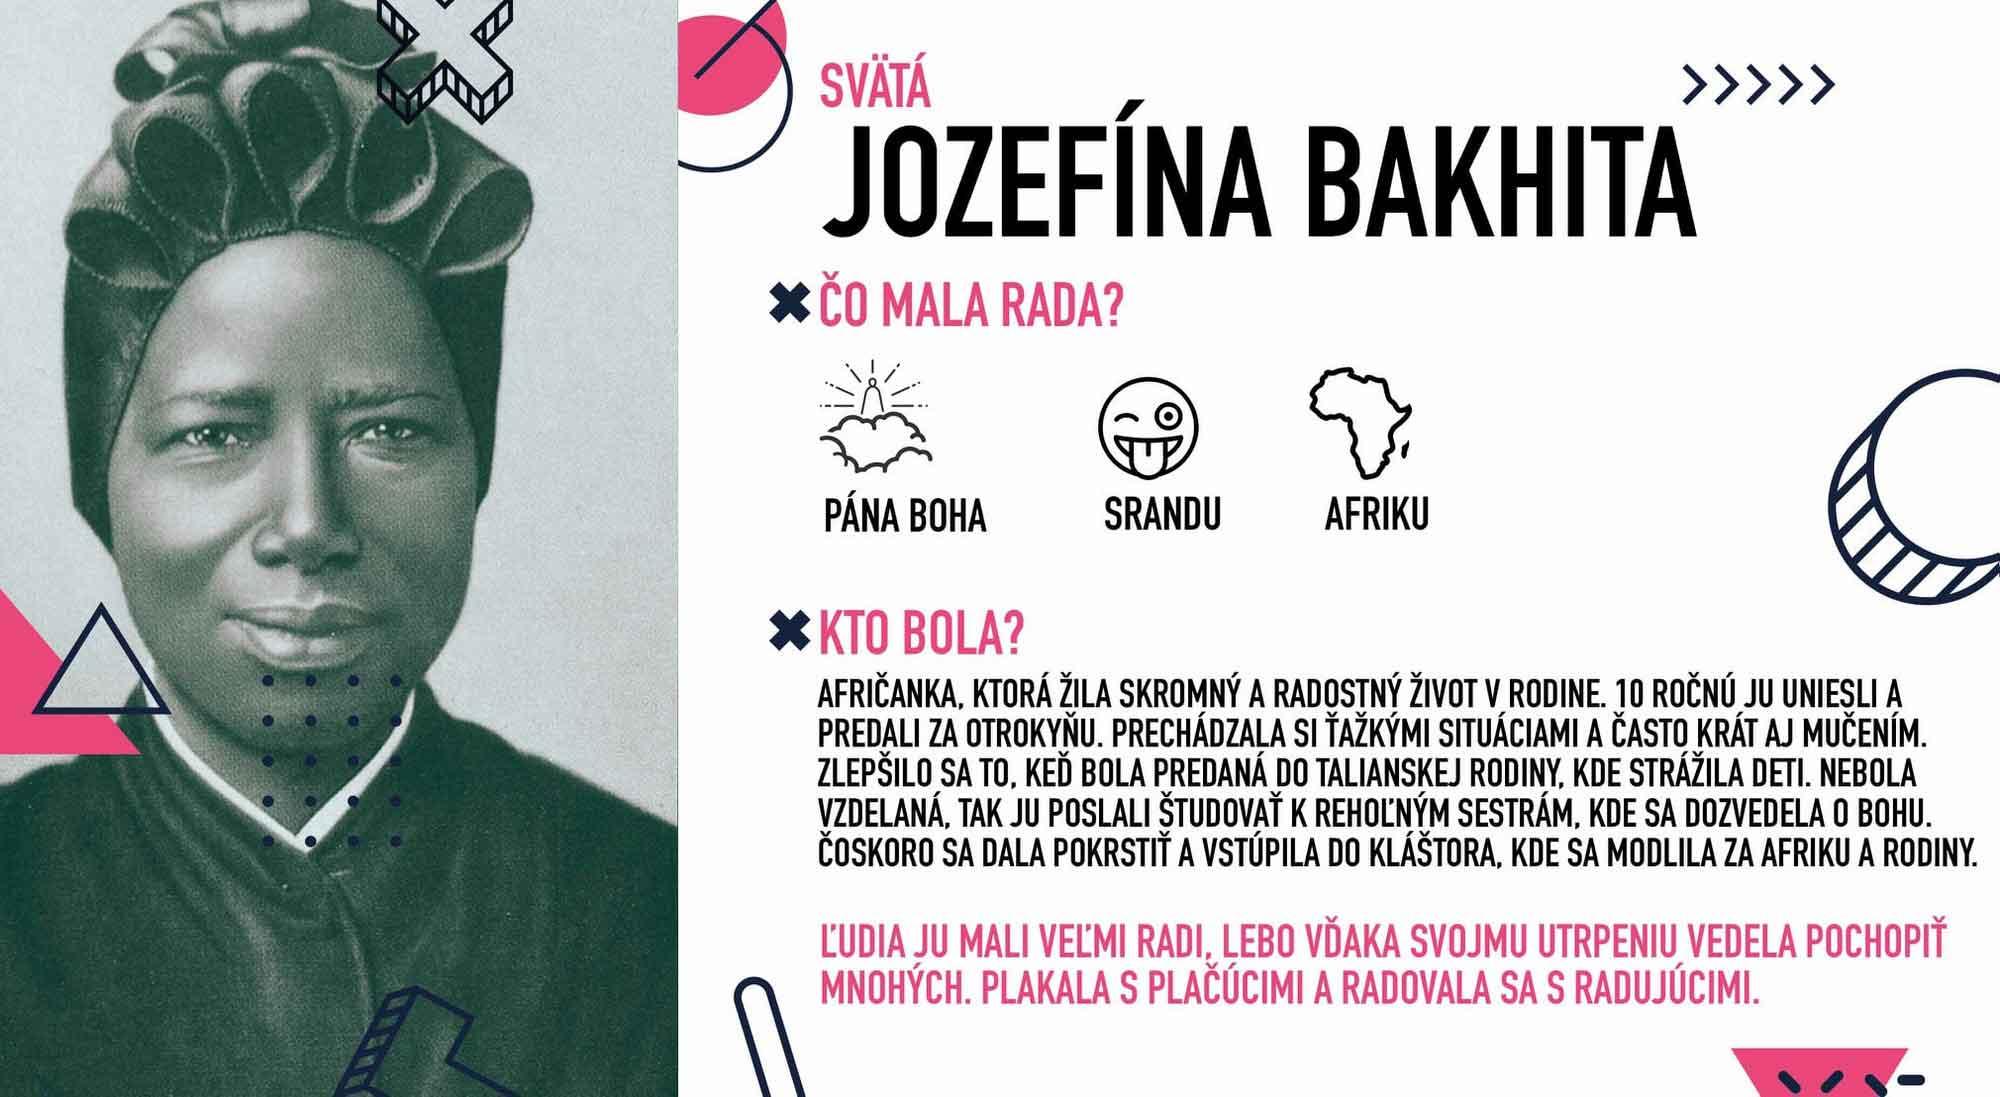 Jozefína Bakhita